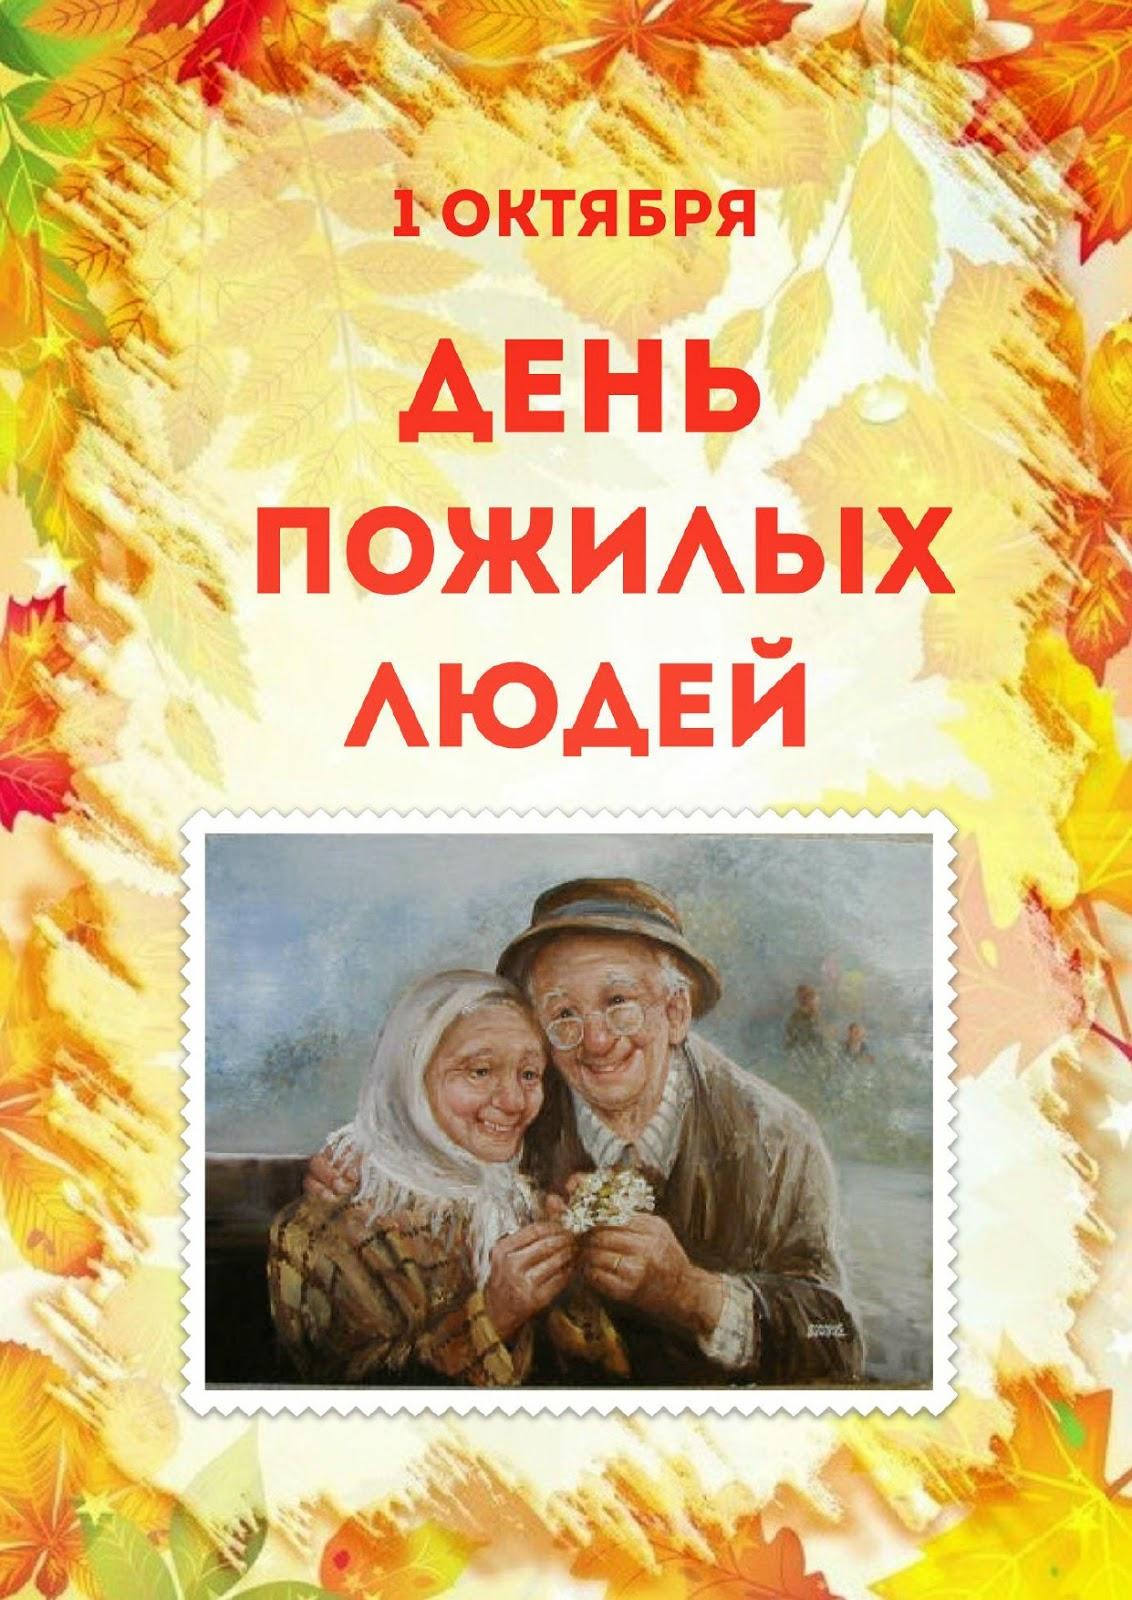 Открытки к дню пожилого человека в детском саду